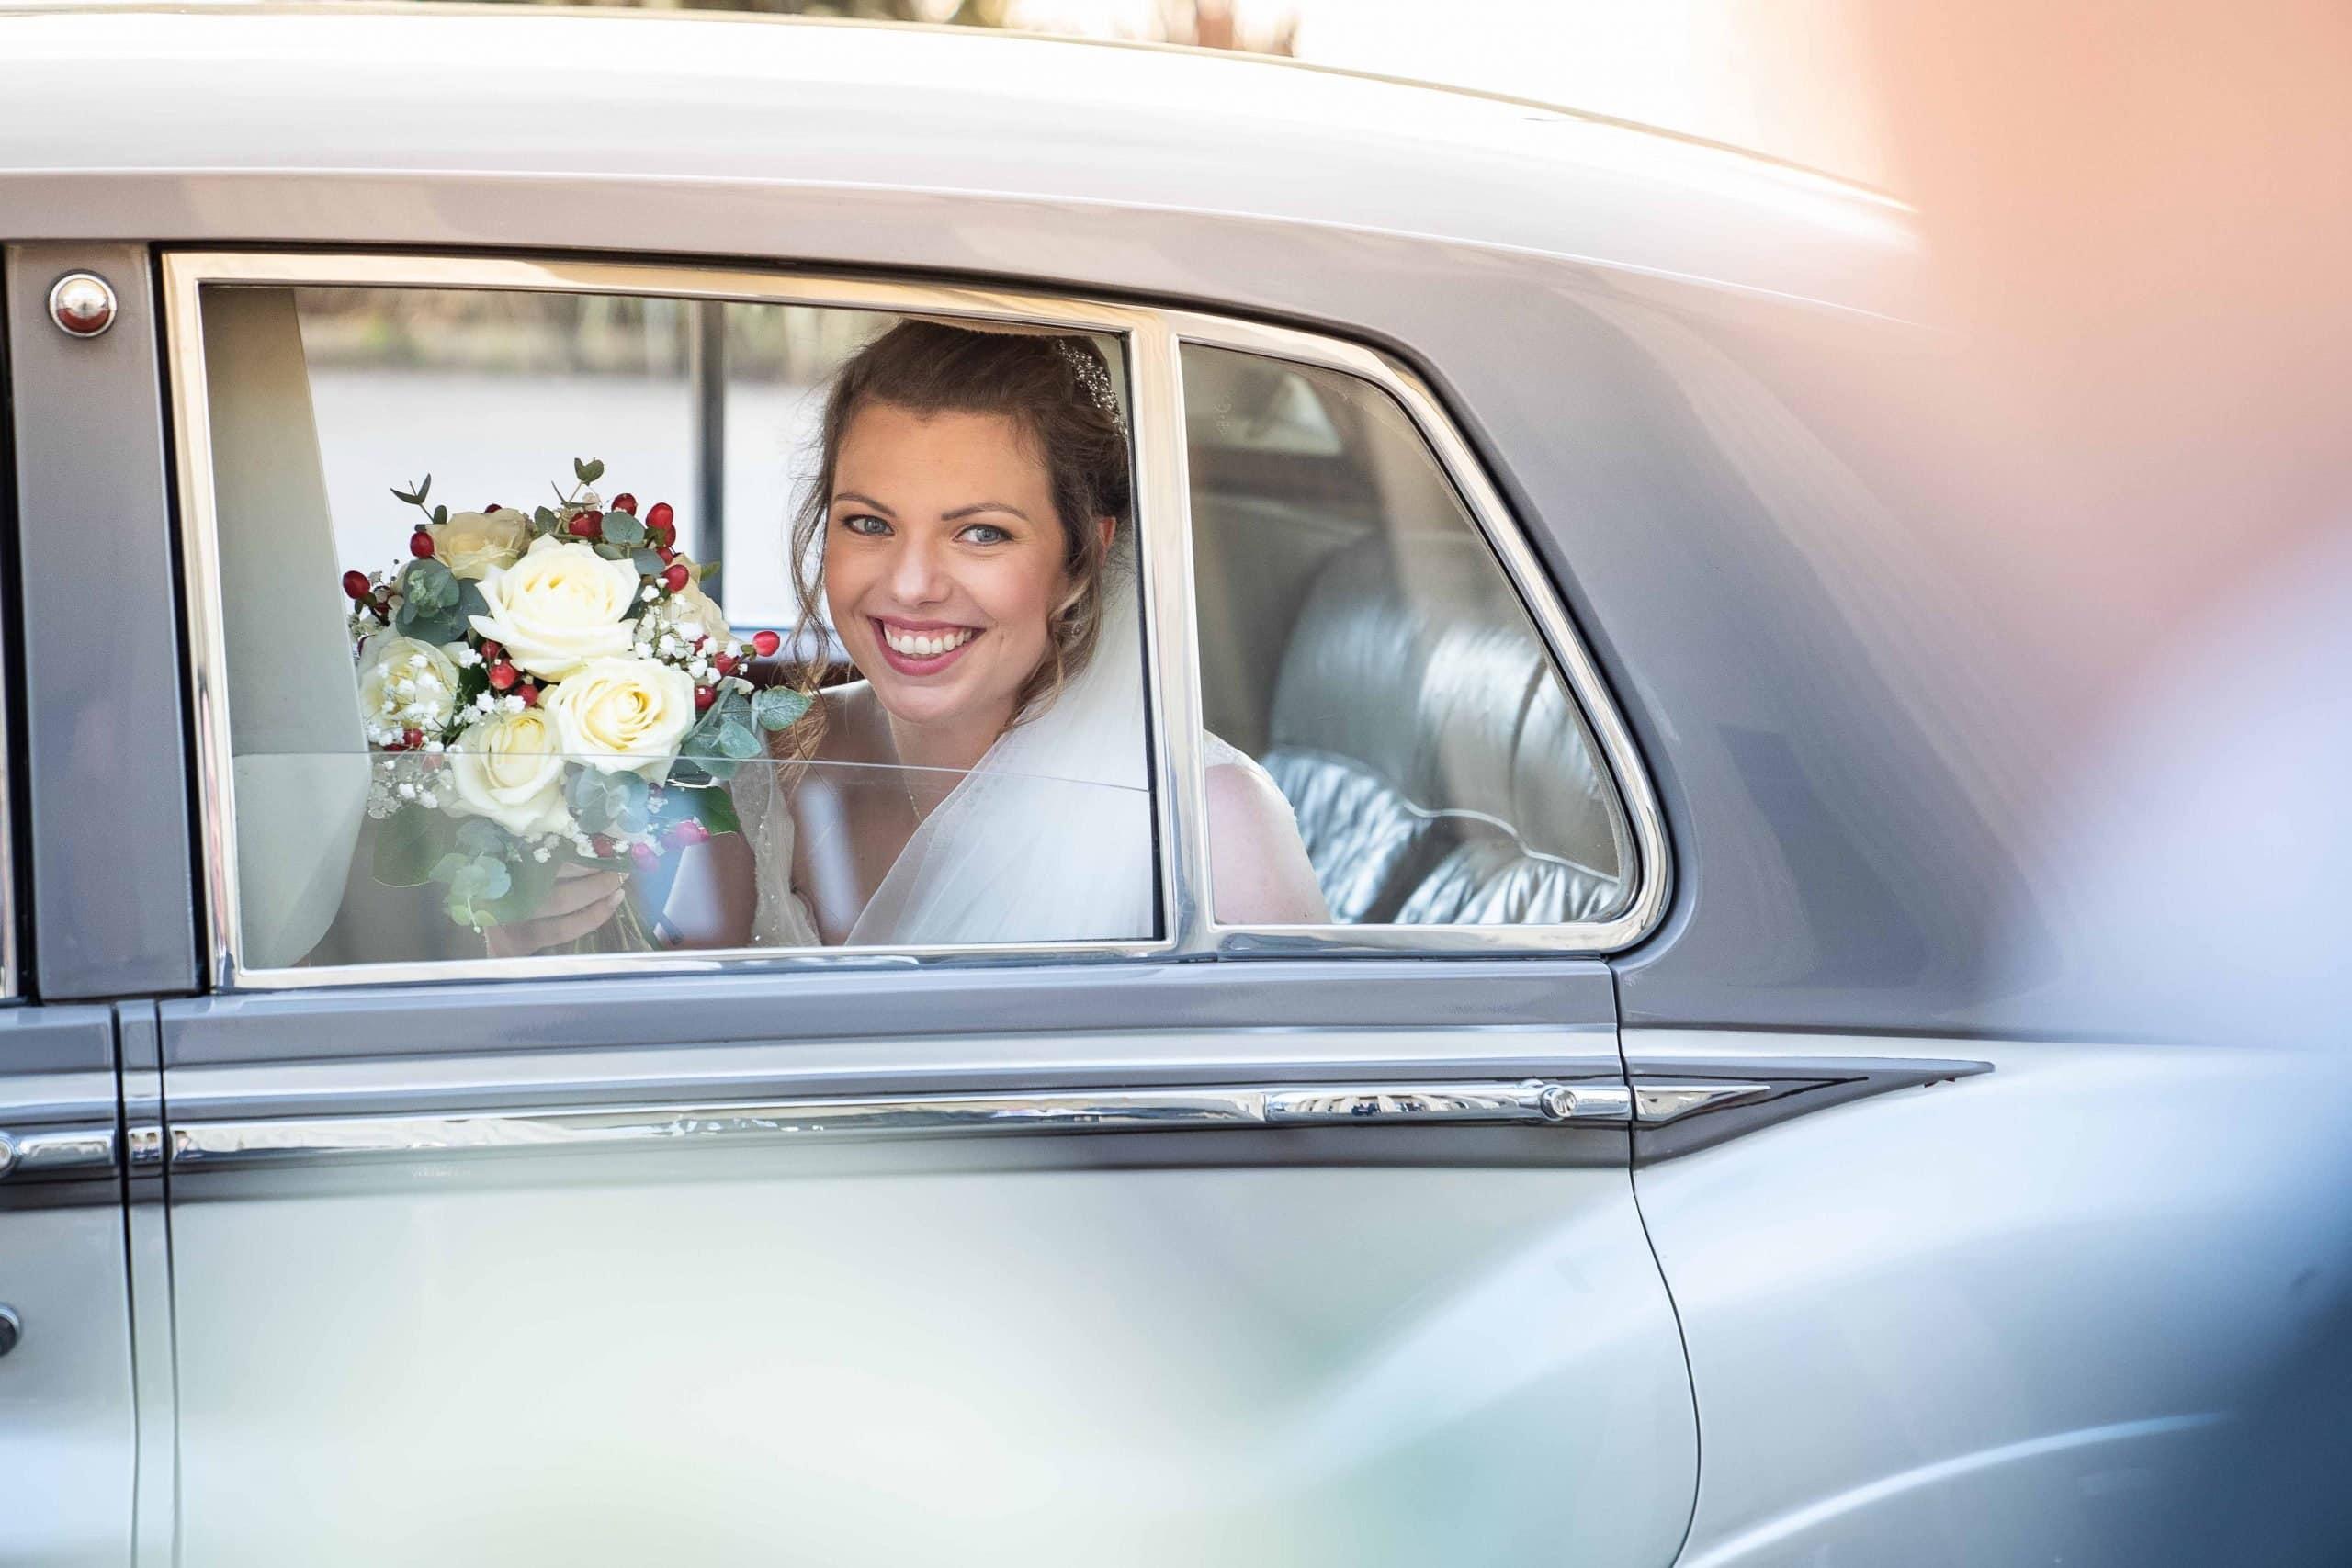 Bride in wedding car at Wylam Brewery